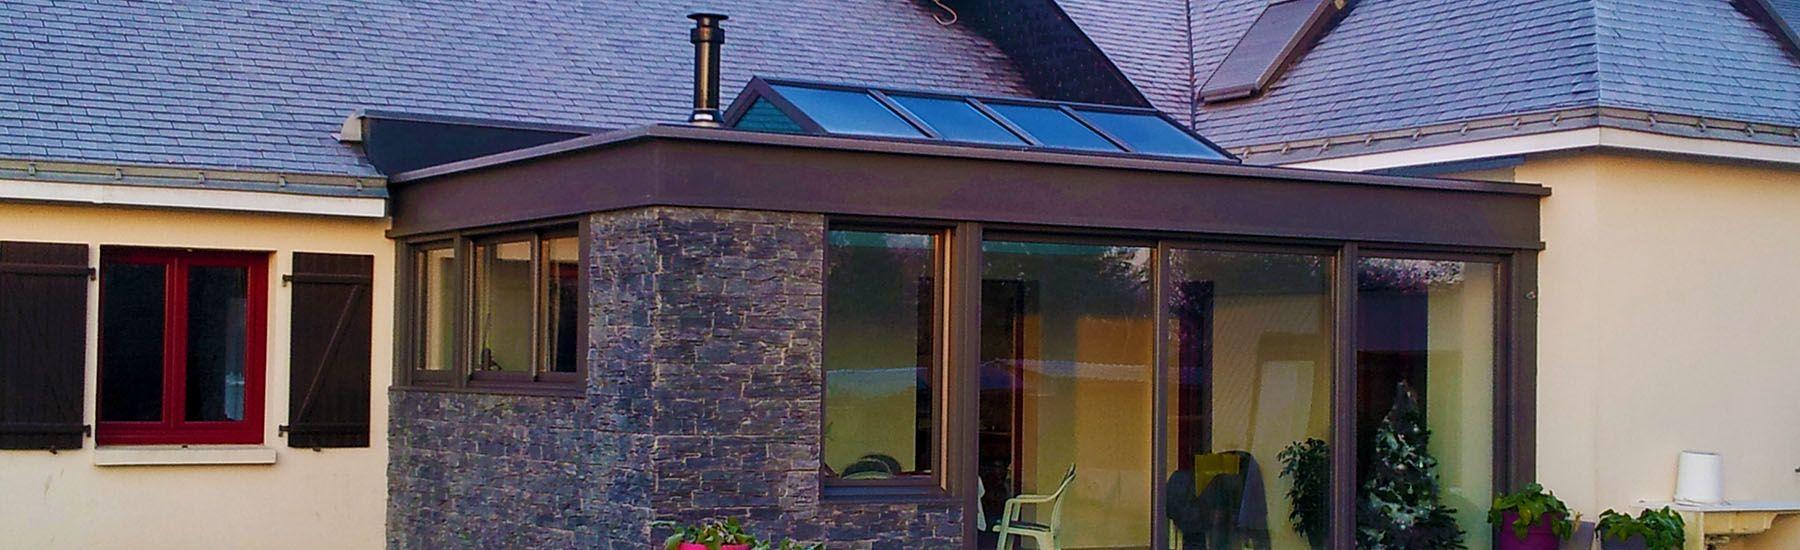 extanxia v randa concept alu vue ext rieur avec toit en ardoise et chemin e int gr e. Black Bedroom Furniture Sets. Home Design Ideas